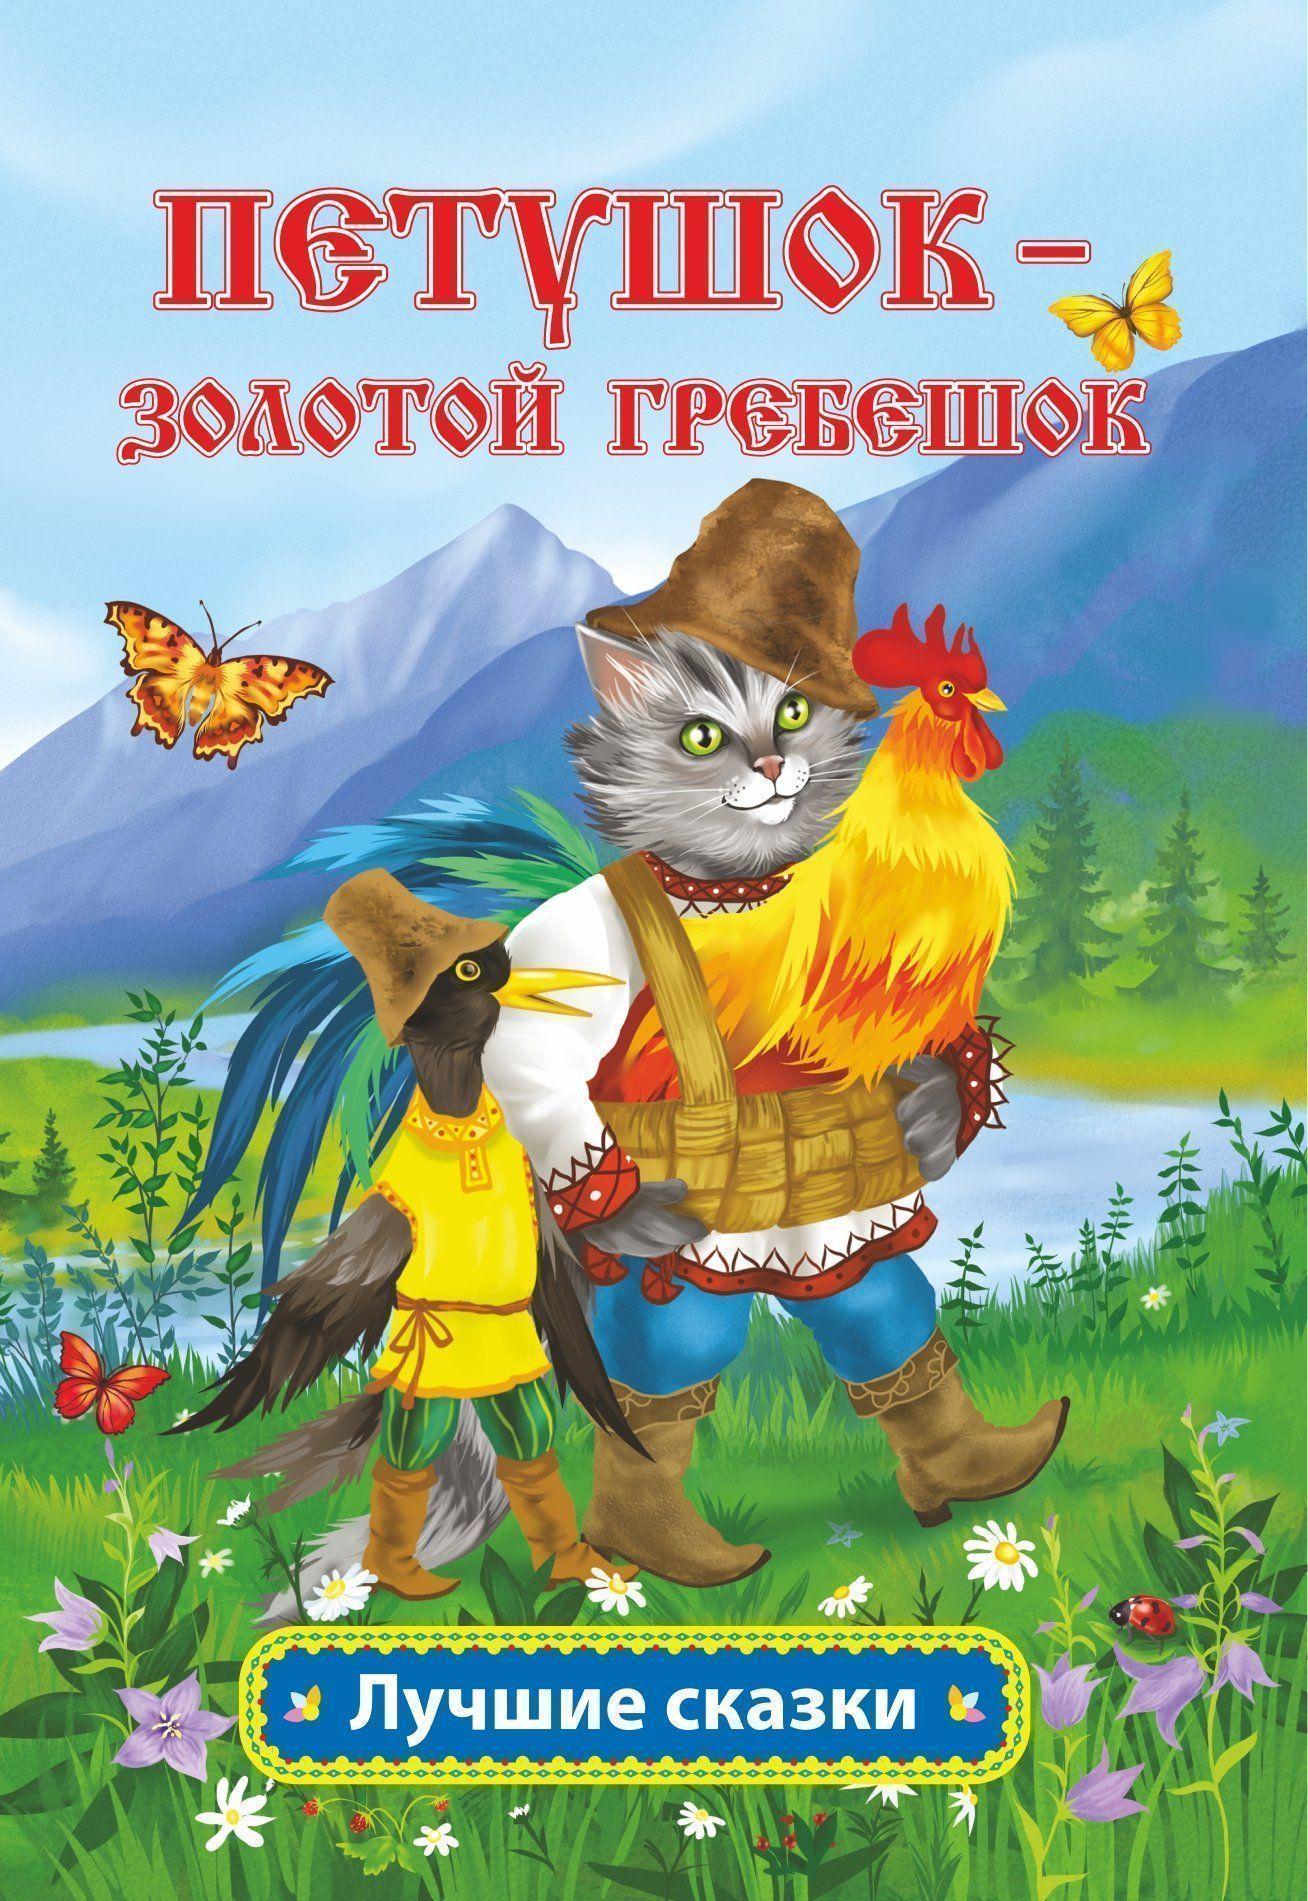 Петушок - золотой гребешок: русская народная сказка в обработке А.Н. Толстого